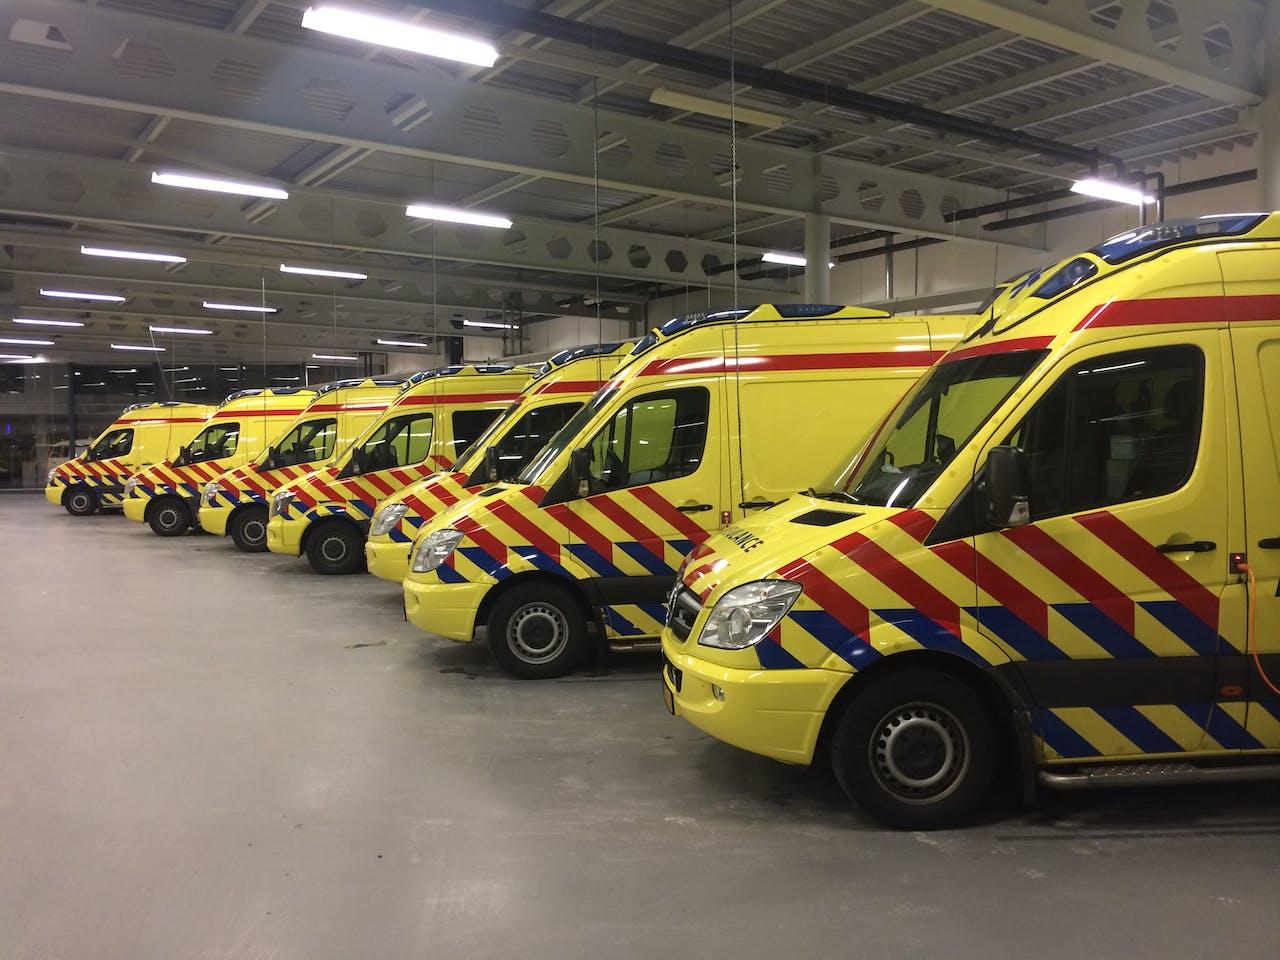 De ambulancepost in Leiden